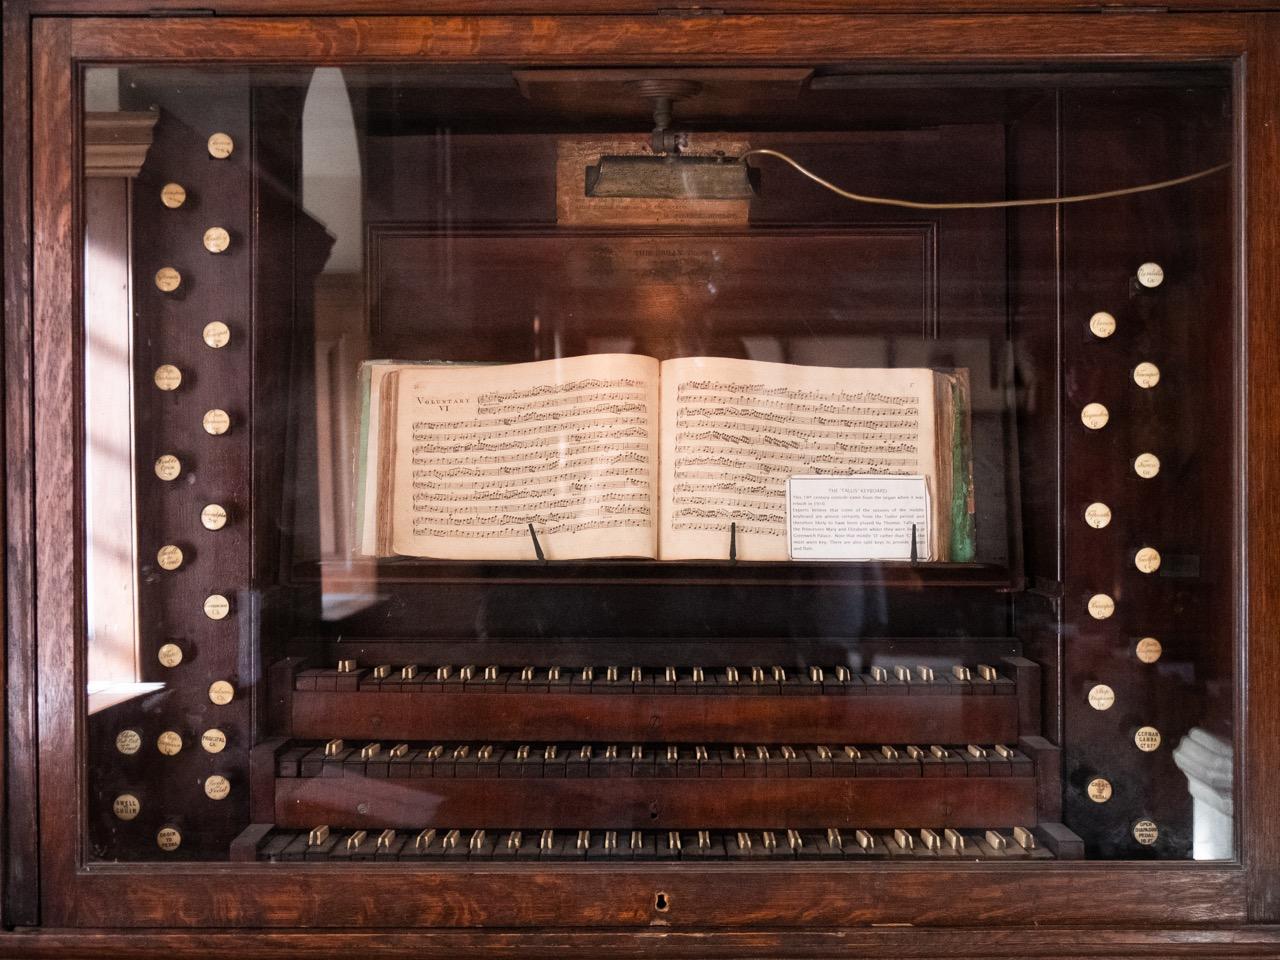 Alter Orgelspieltisch (vermutlich bereits von Thomas Tallis bespielt)